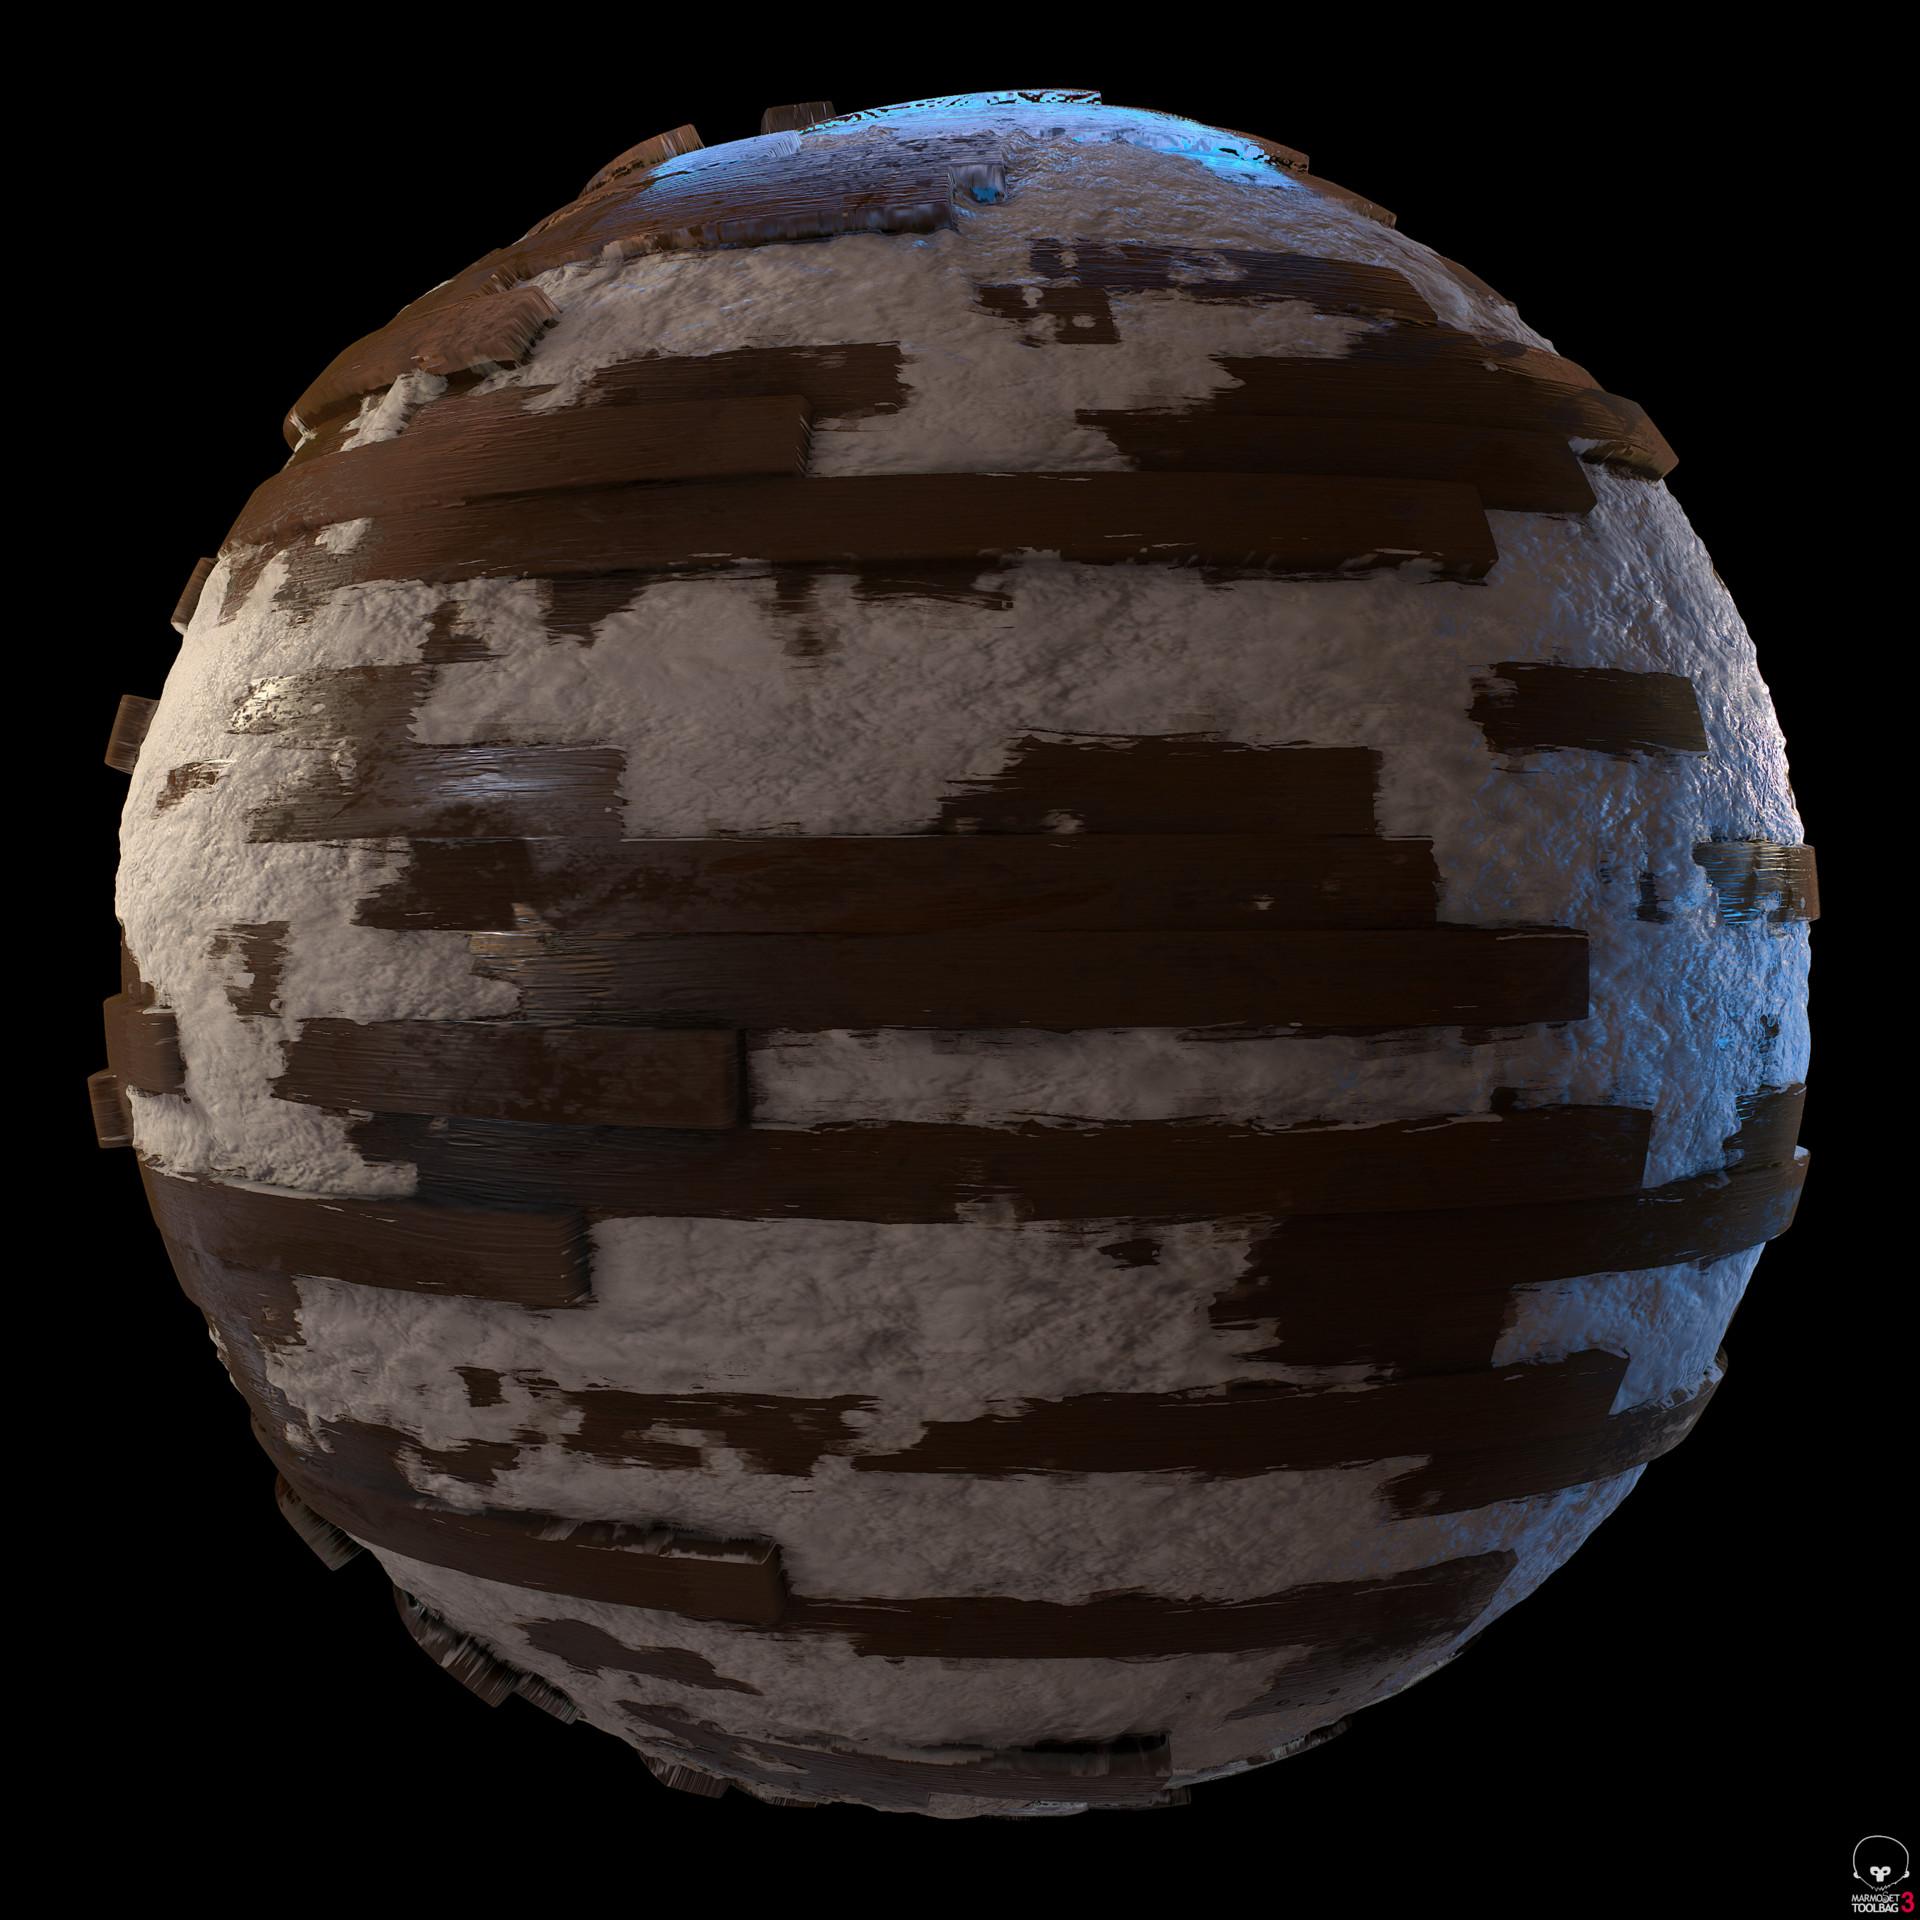 Hannu koivuranta marmoset sphere 2 7k